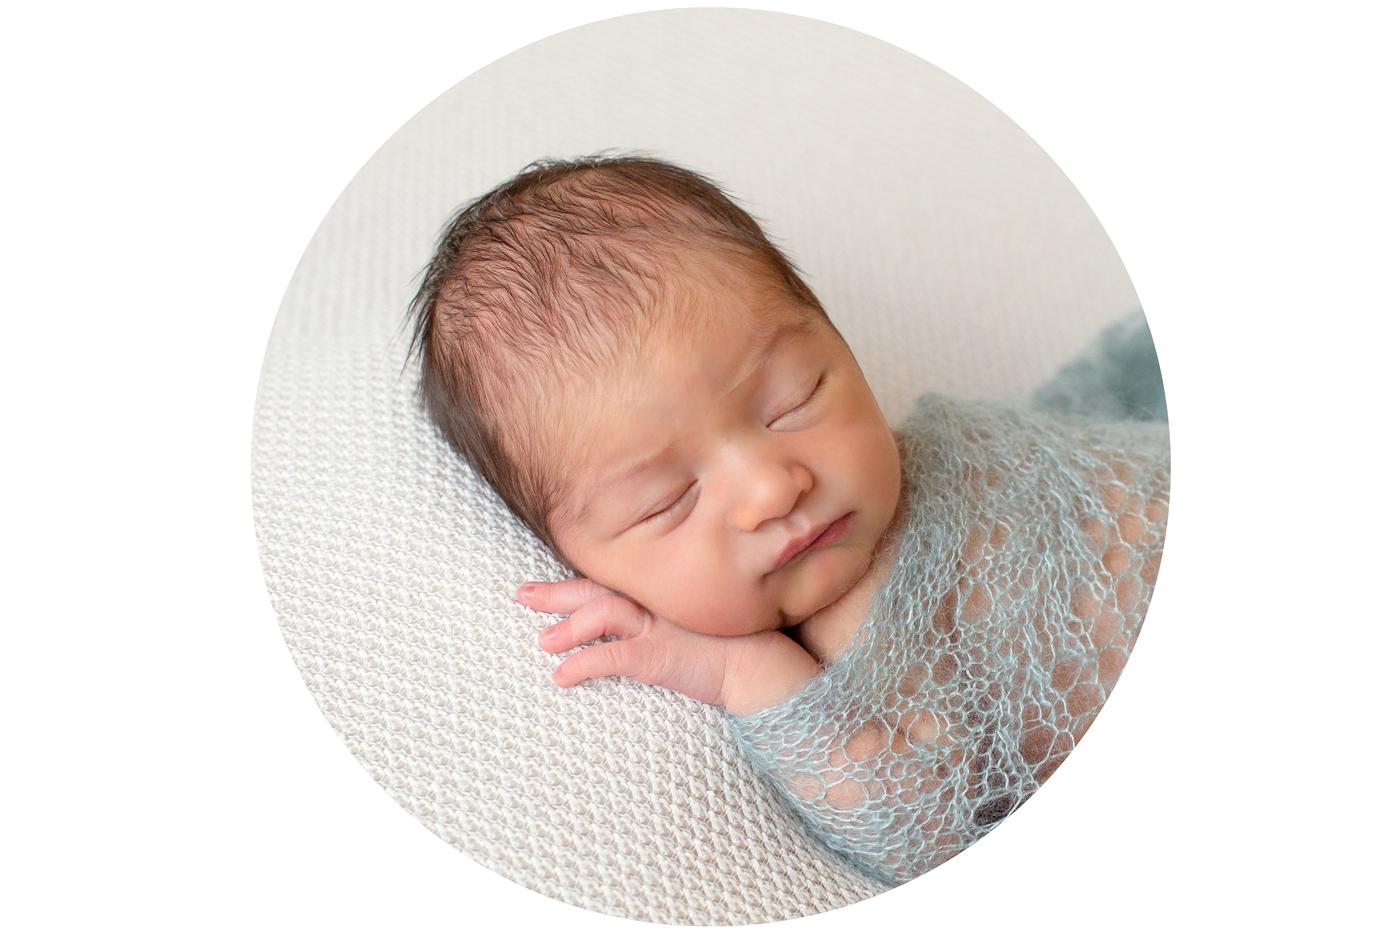 Babyfotos beim Fotoshooting mit neugeborenem Baby aus Frankfurt und Mainz